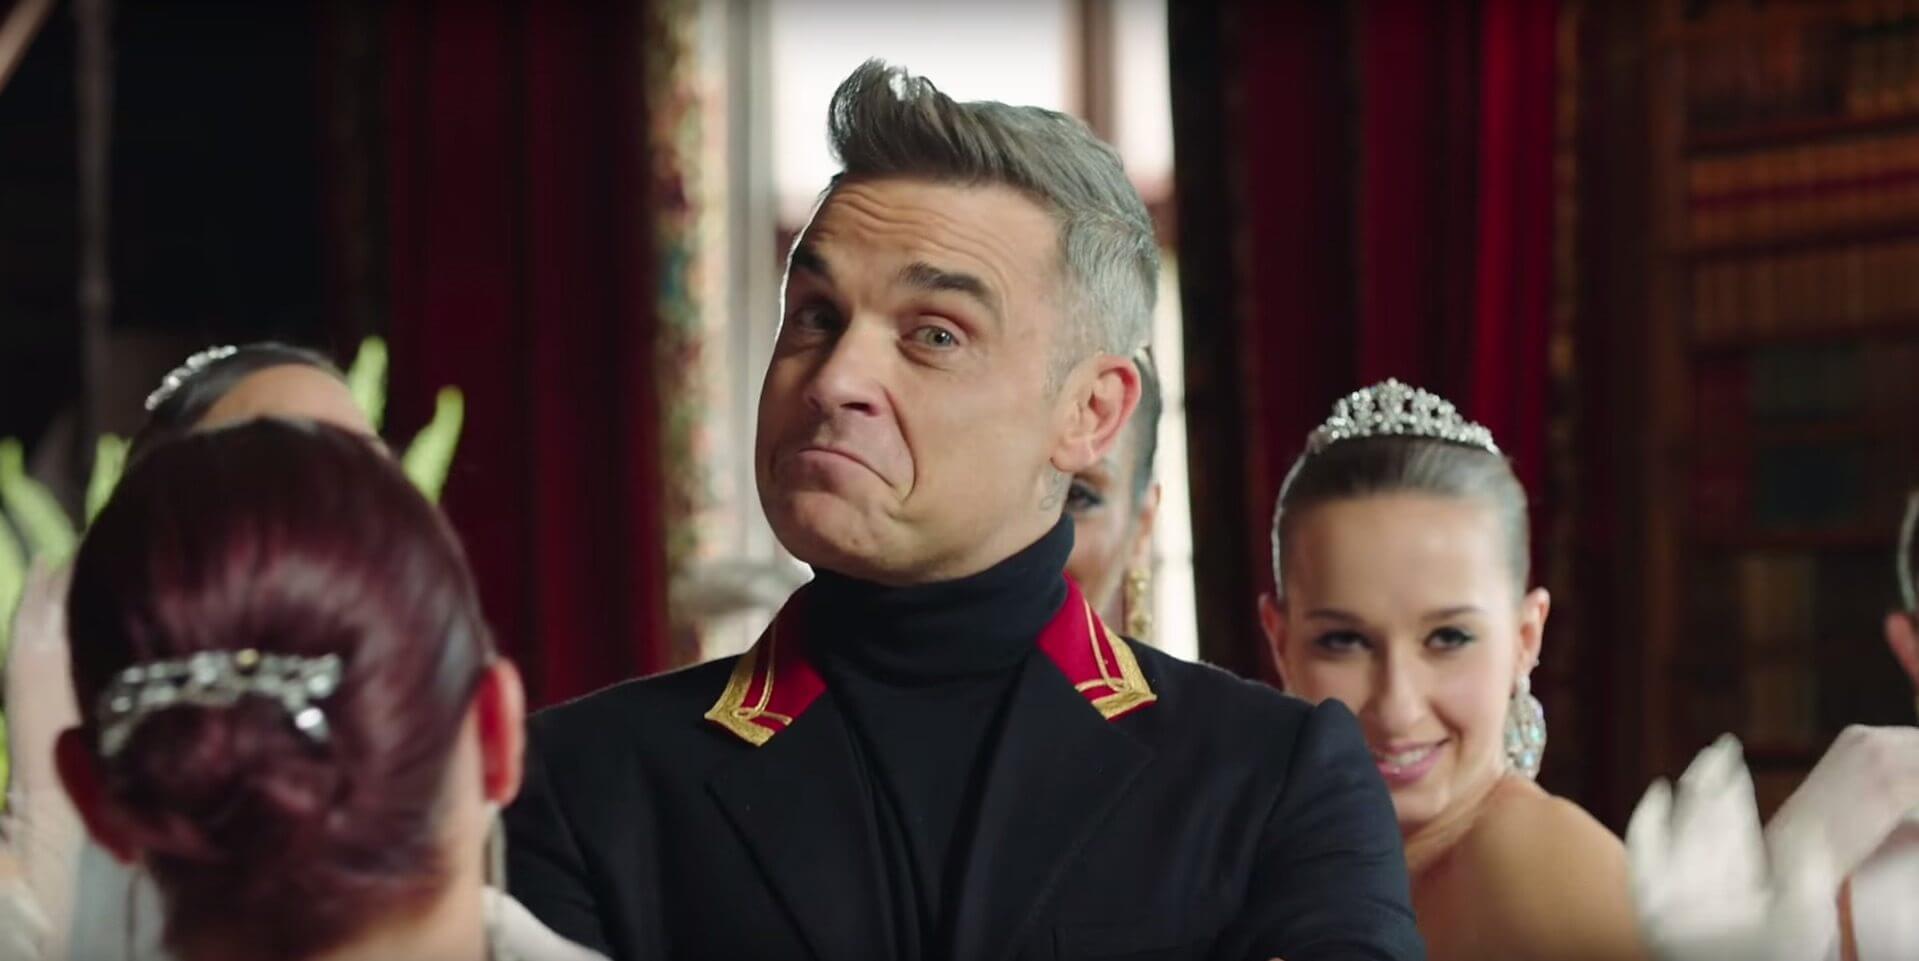 Buon compleanno Robbie Williams: la gallery che lo festeggia